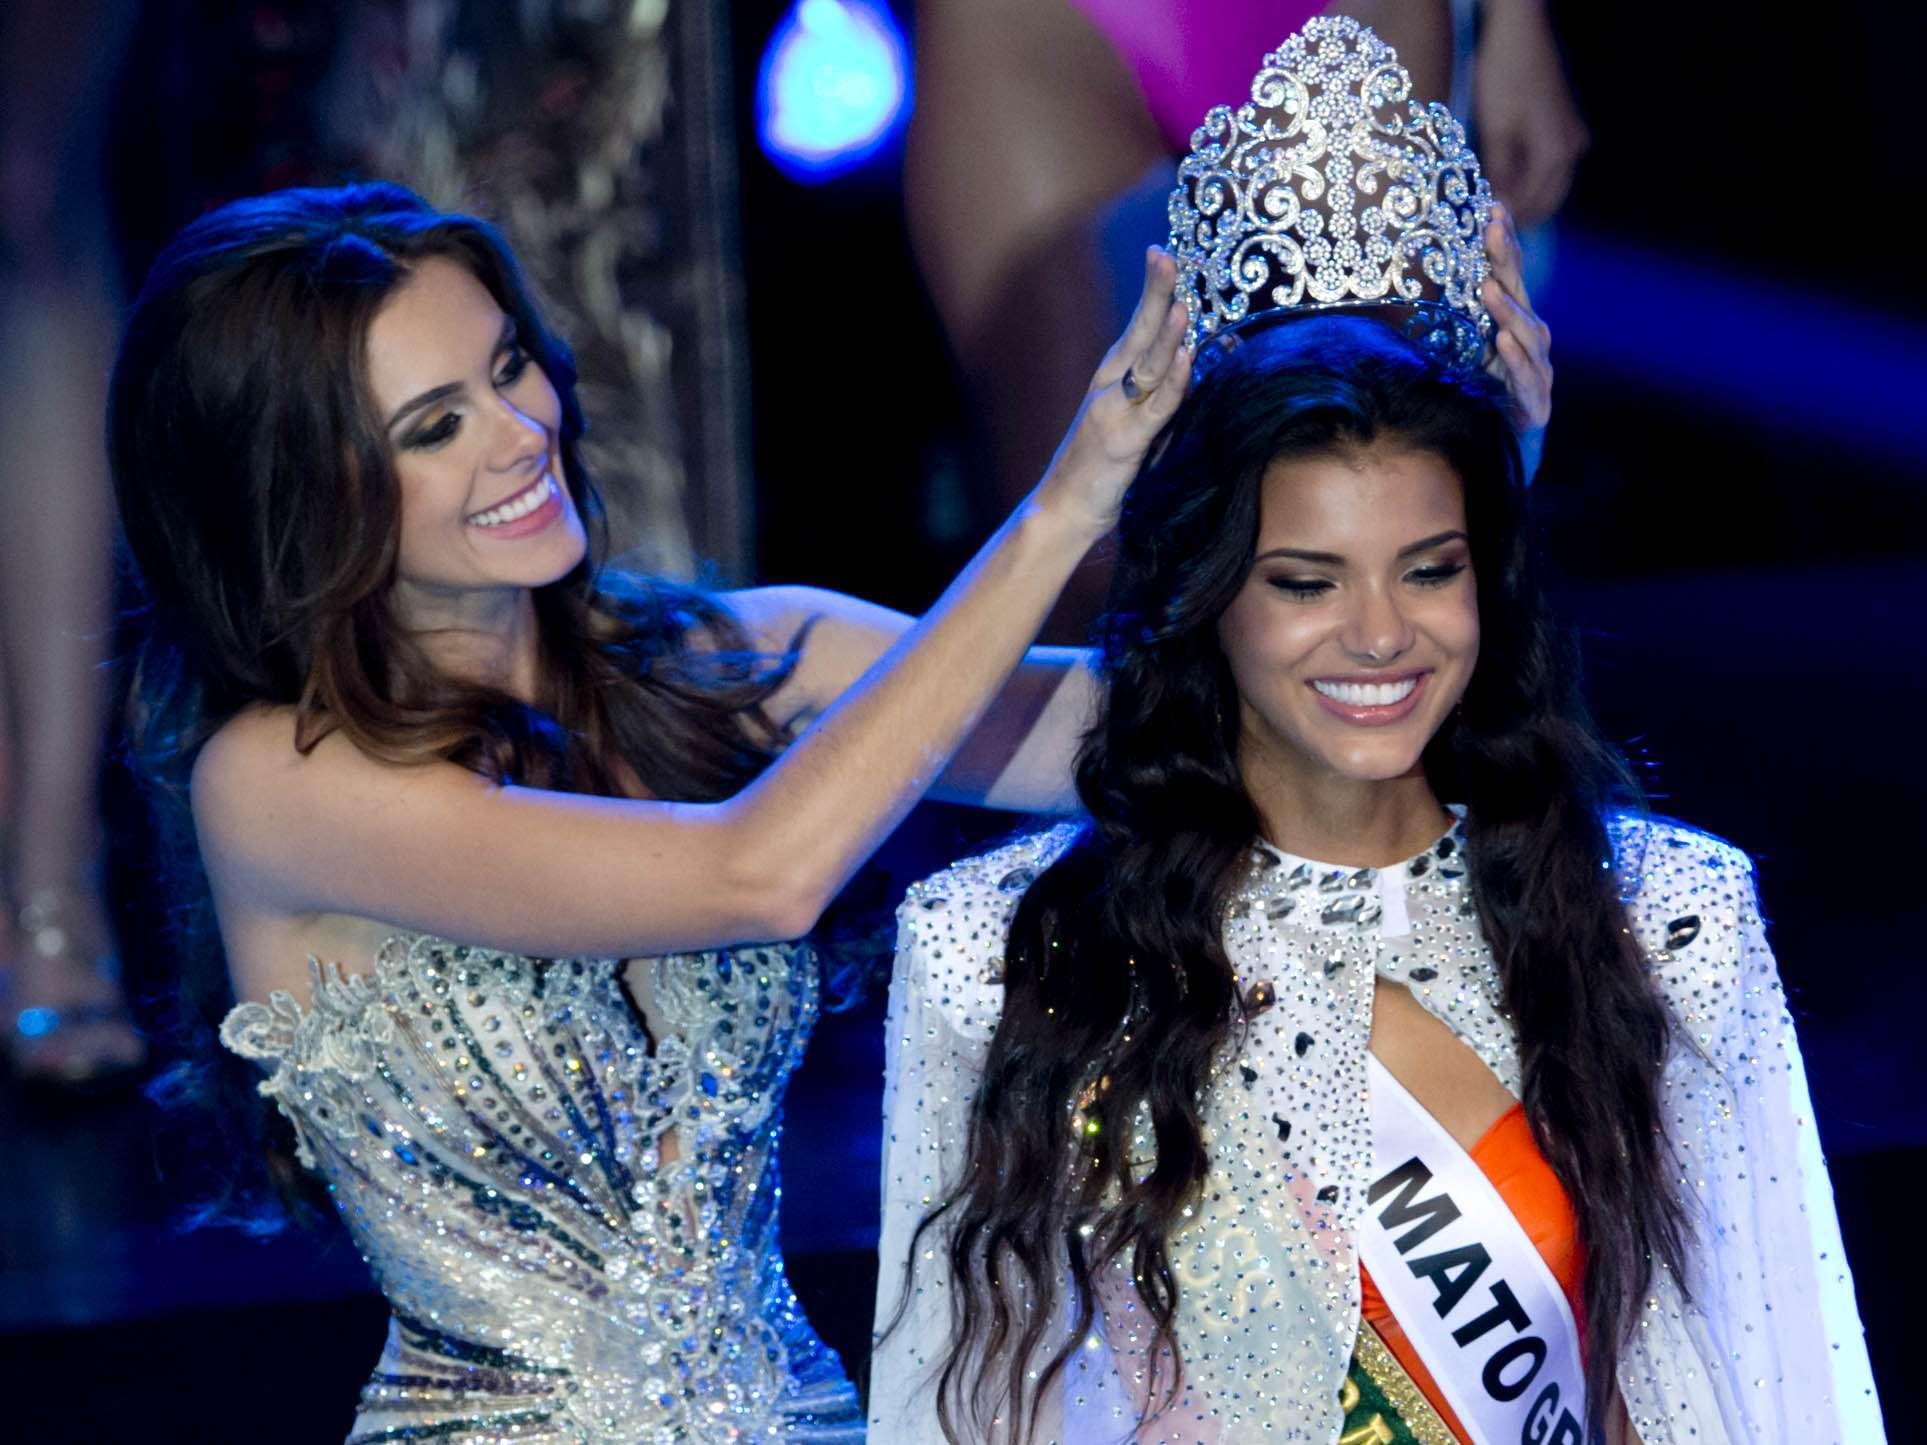 Jakelyne Oliveira, representante de Mato Grosso, foi eleita na noite deste sábado (28), a Miss Brasil 2013, no Minas Centro, em Belo Horizonte, Minas Gerais Foto: Bruno Santos/Terra